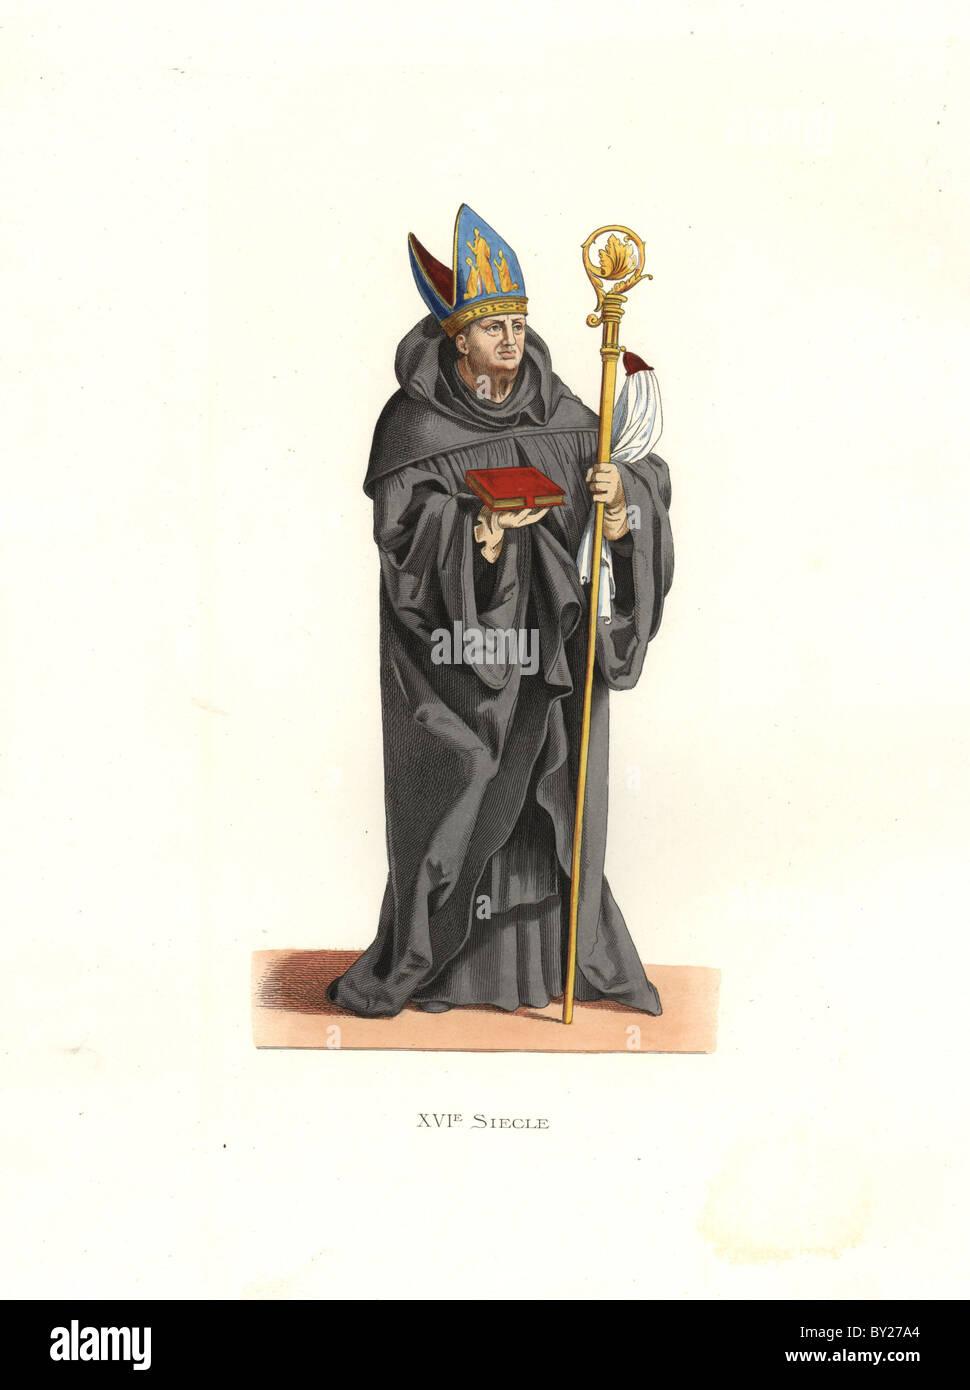 Abbé bénédictin, 16e siècle Photo Stock